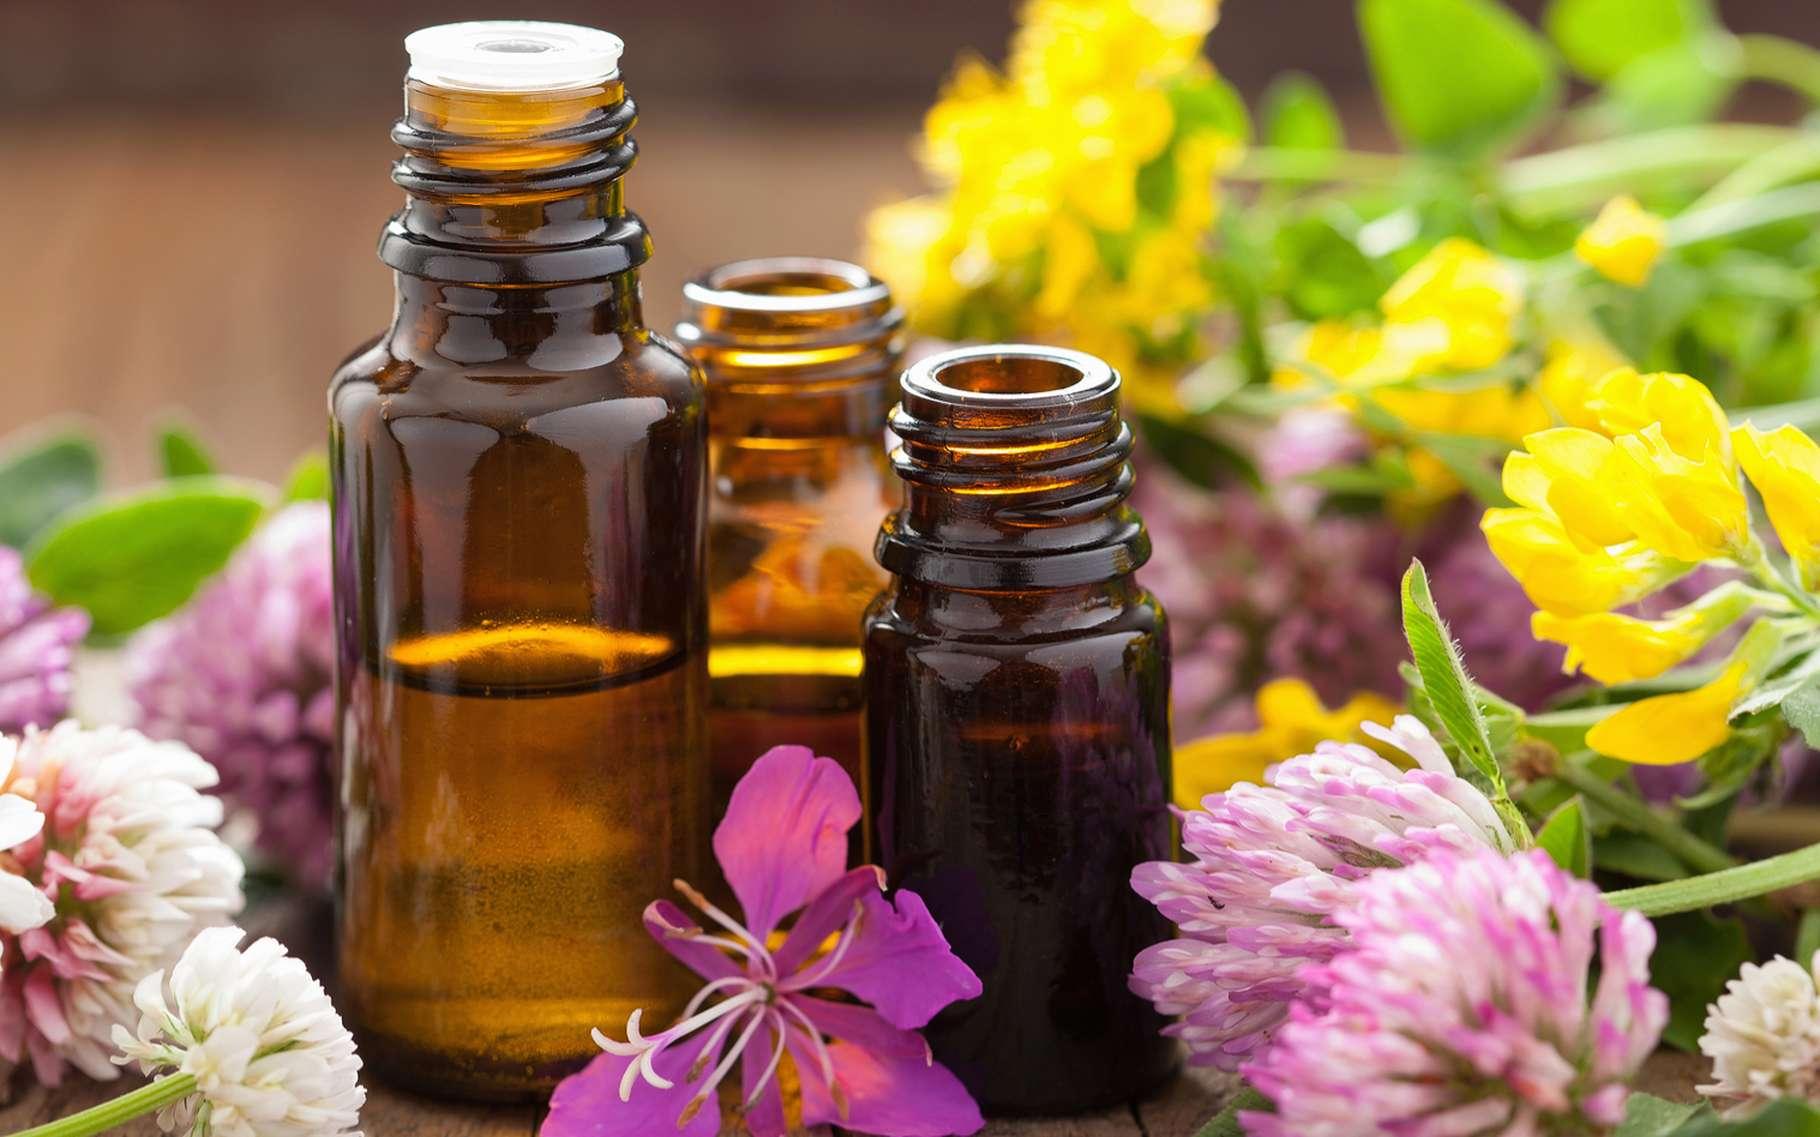 Huiles végétales et huiles essentielles sont des produits différents, mais utilisés tous deux notamment pour notre bien-être. © Olga Miltsova, Shutterstock